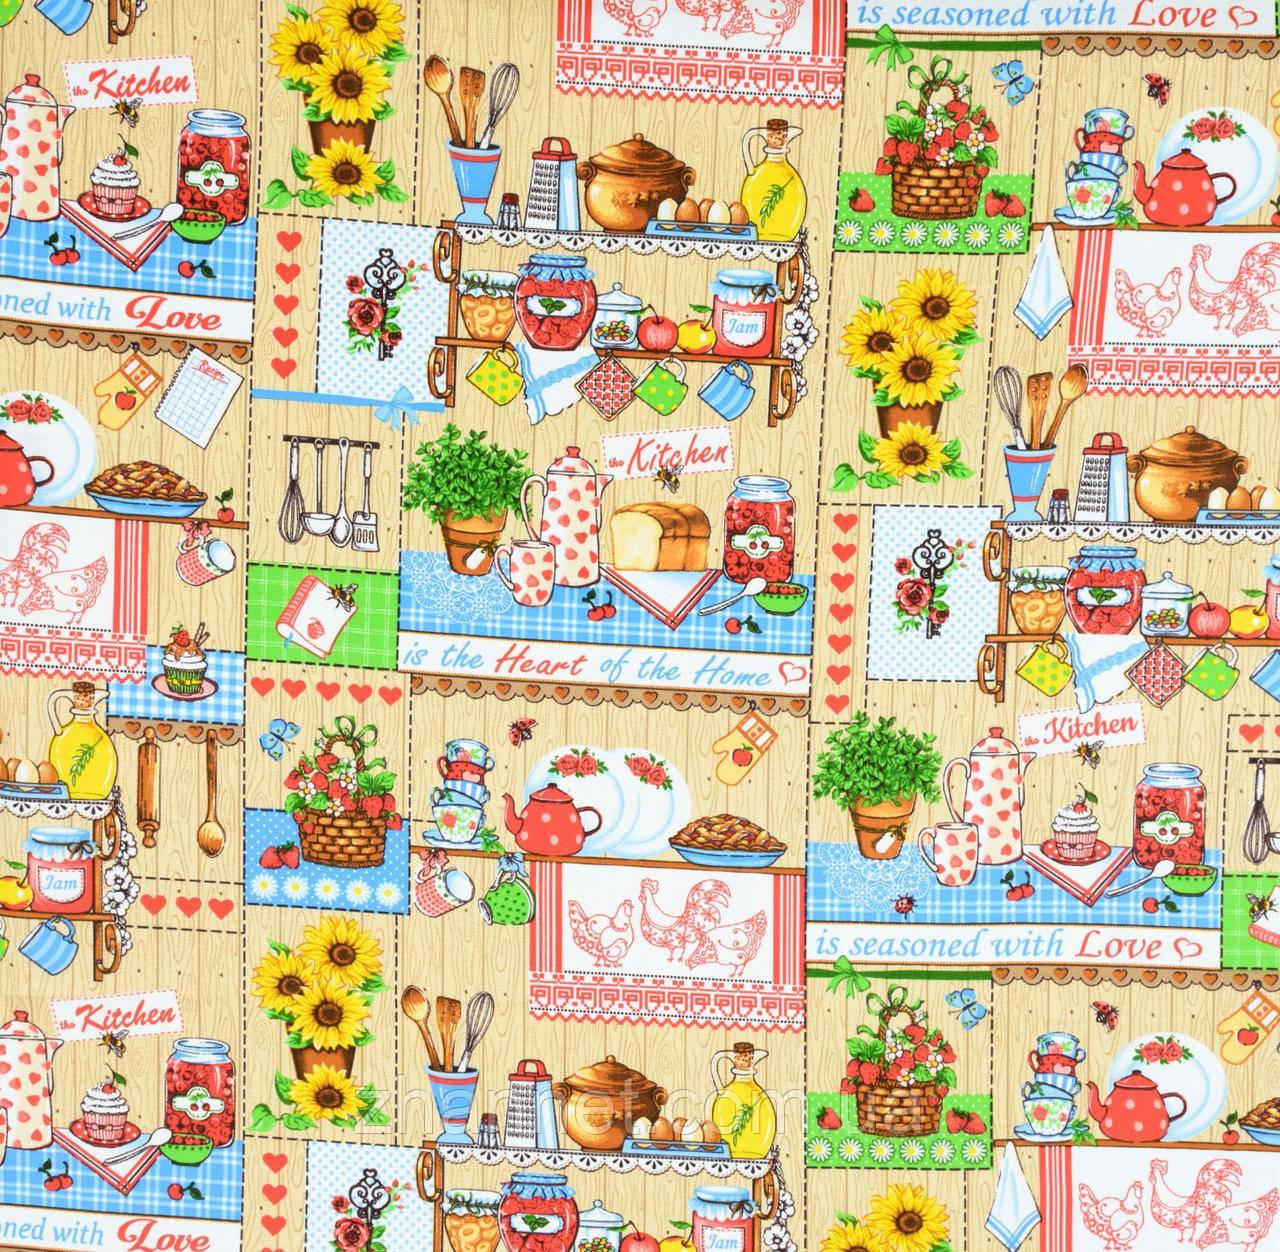 Ткань для скатерти рогожка Kitshen 150 см (671461)